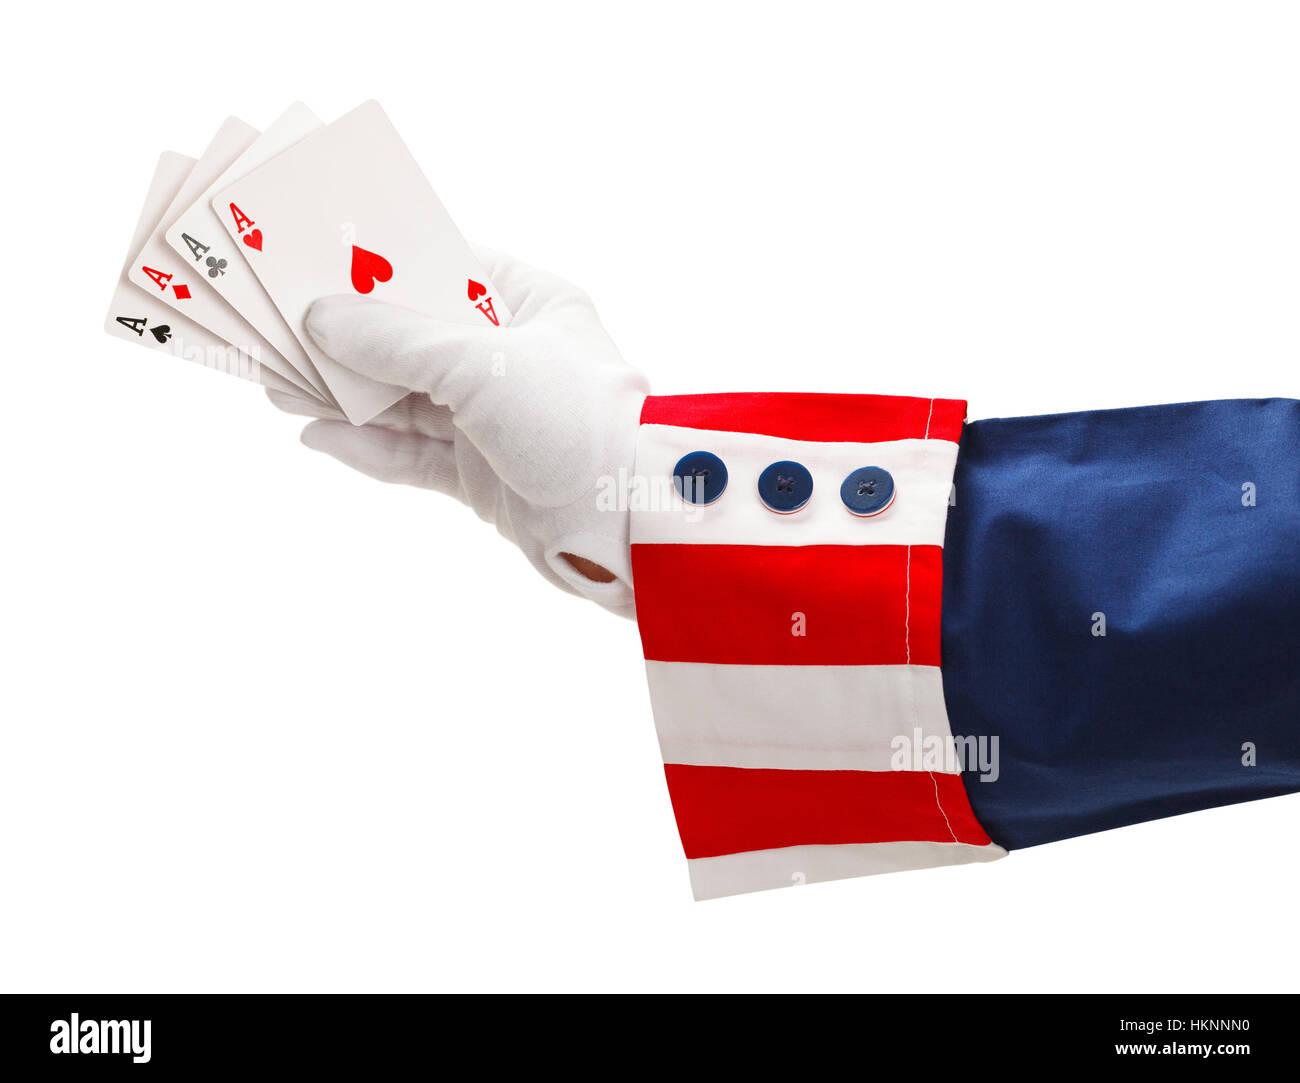 Präsident mit vier Asse in der Hand, Isolated on White Background. Stockbild